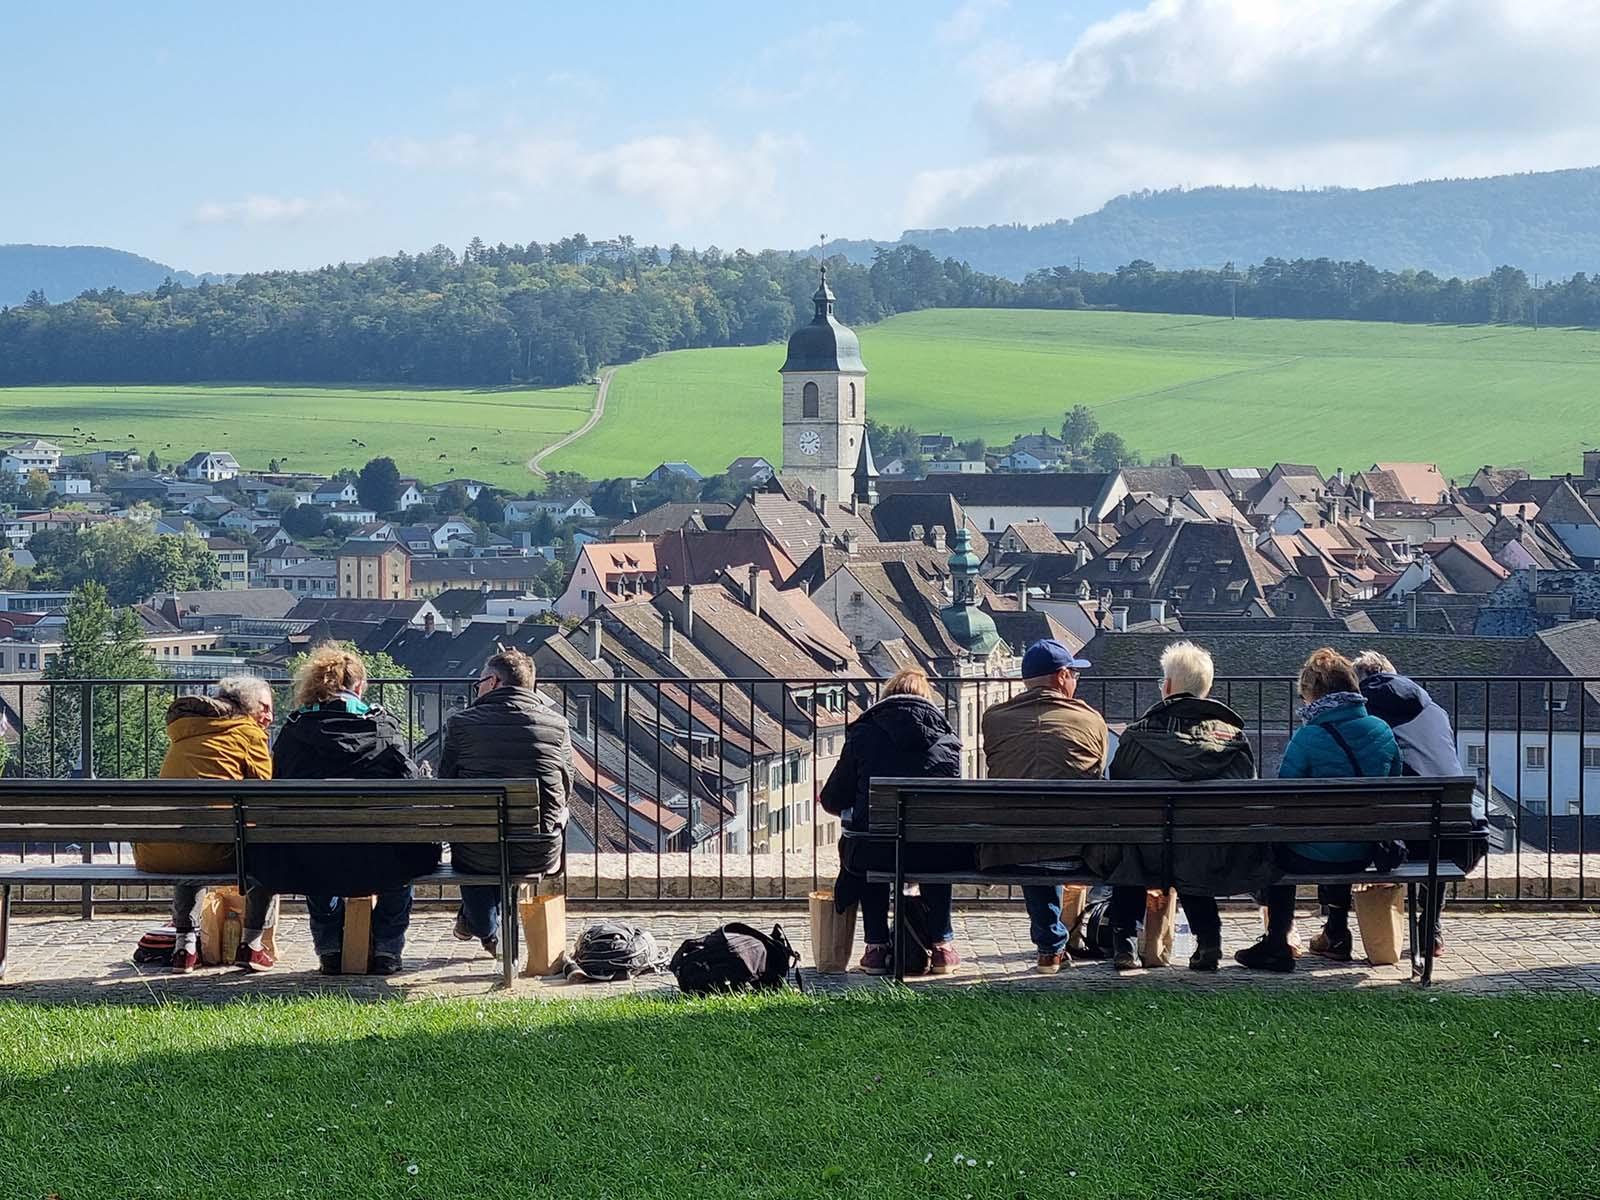 Picknick auf dem Schlosshügel von Porrentruy.